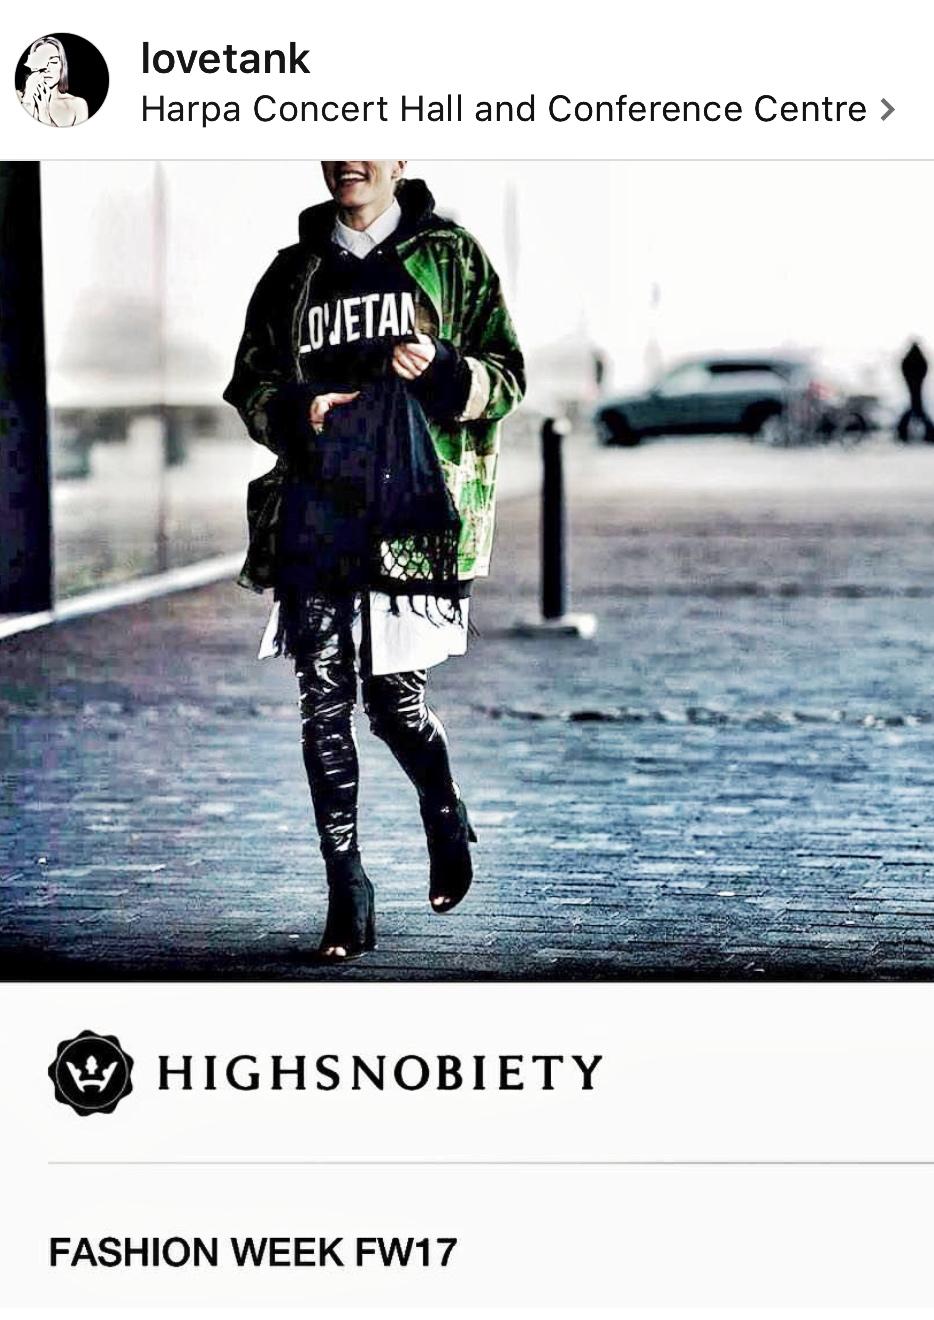 LOVETANK @highsnobiety